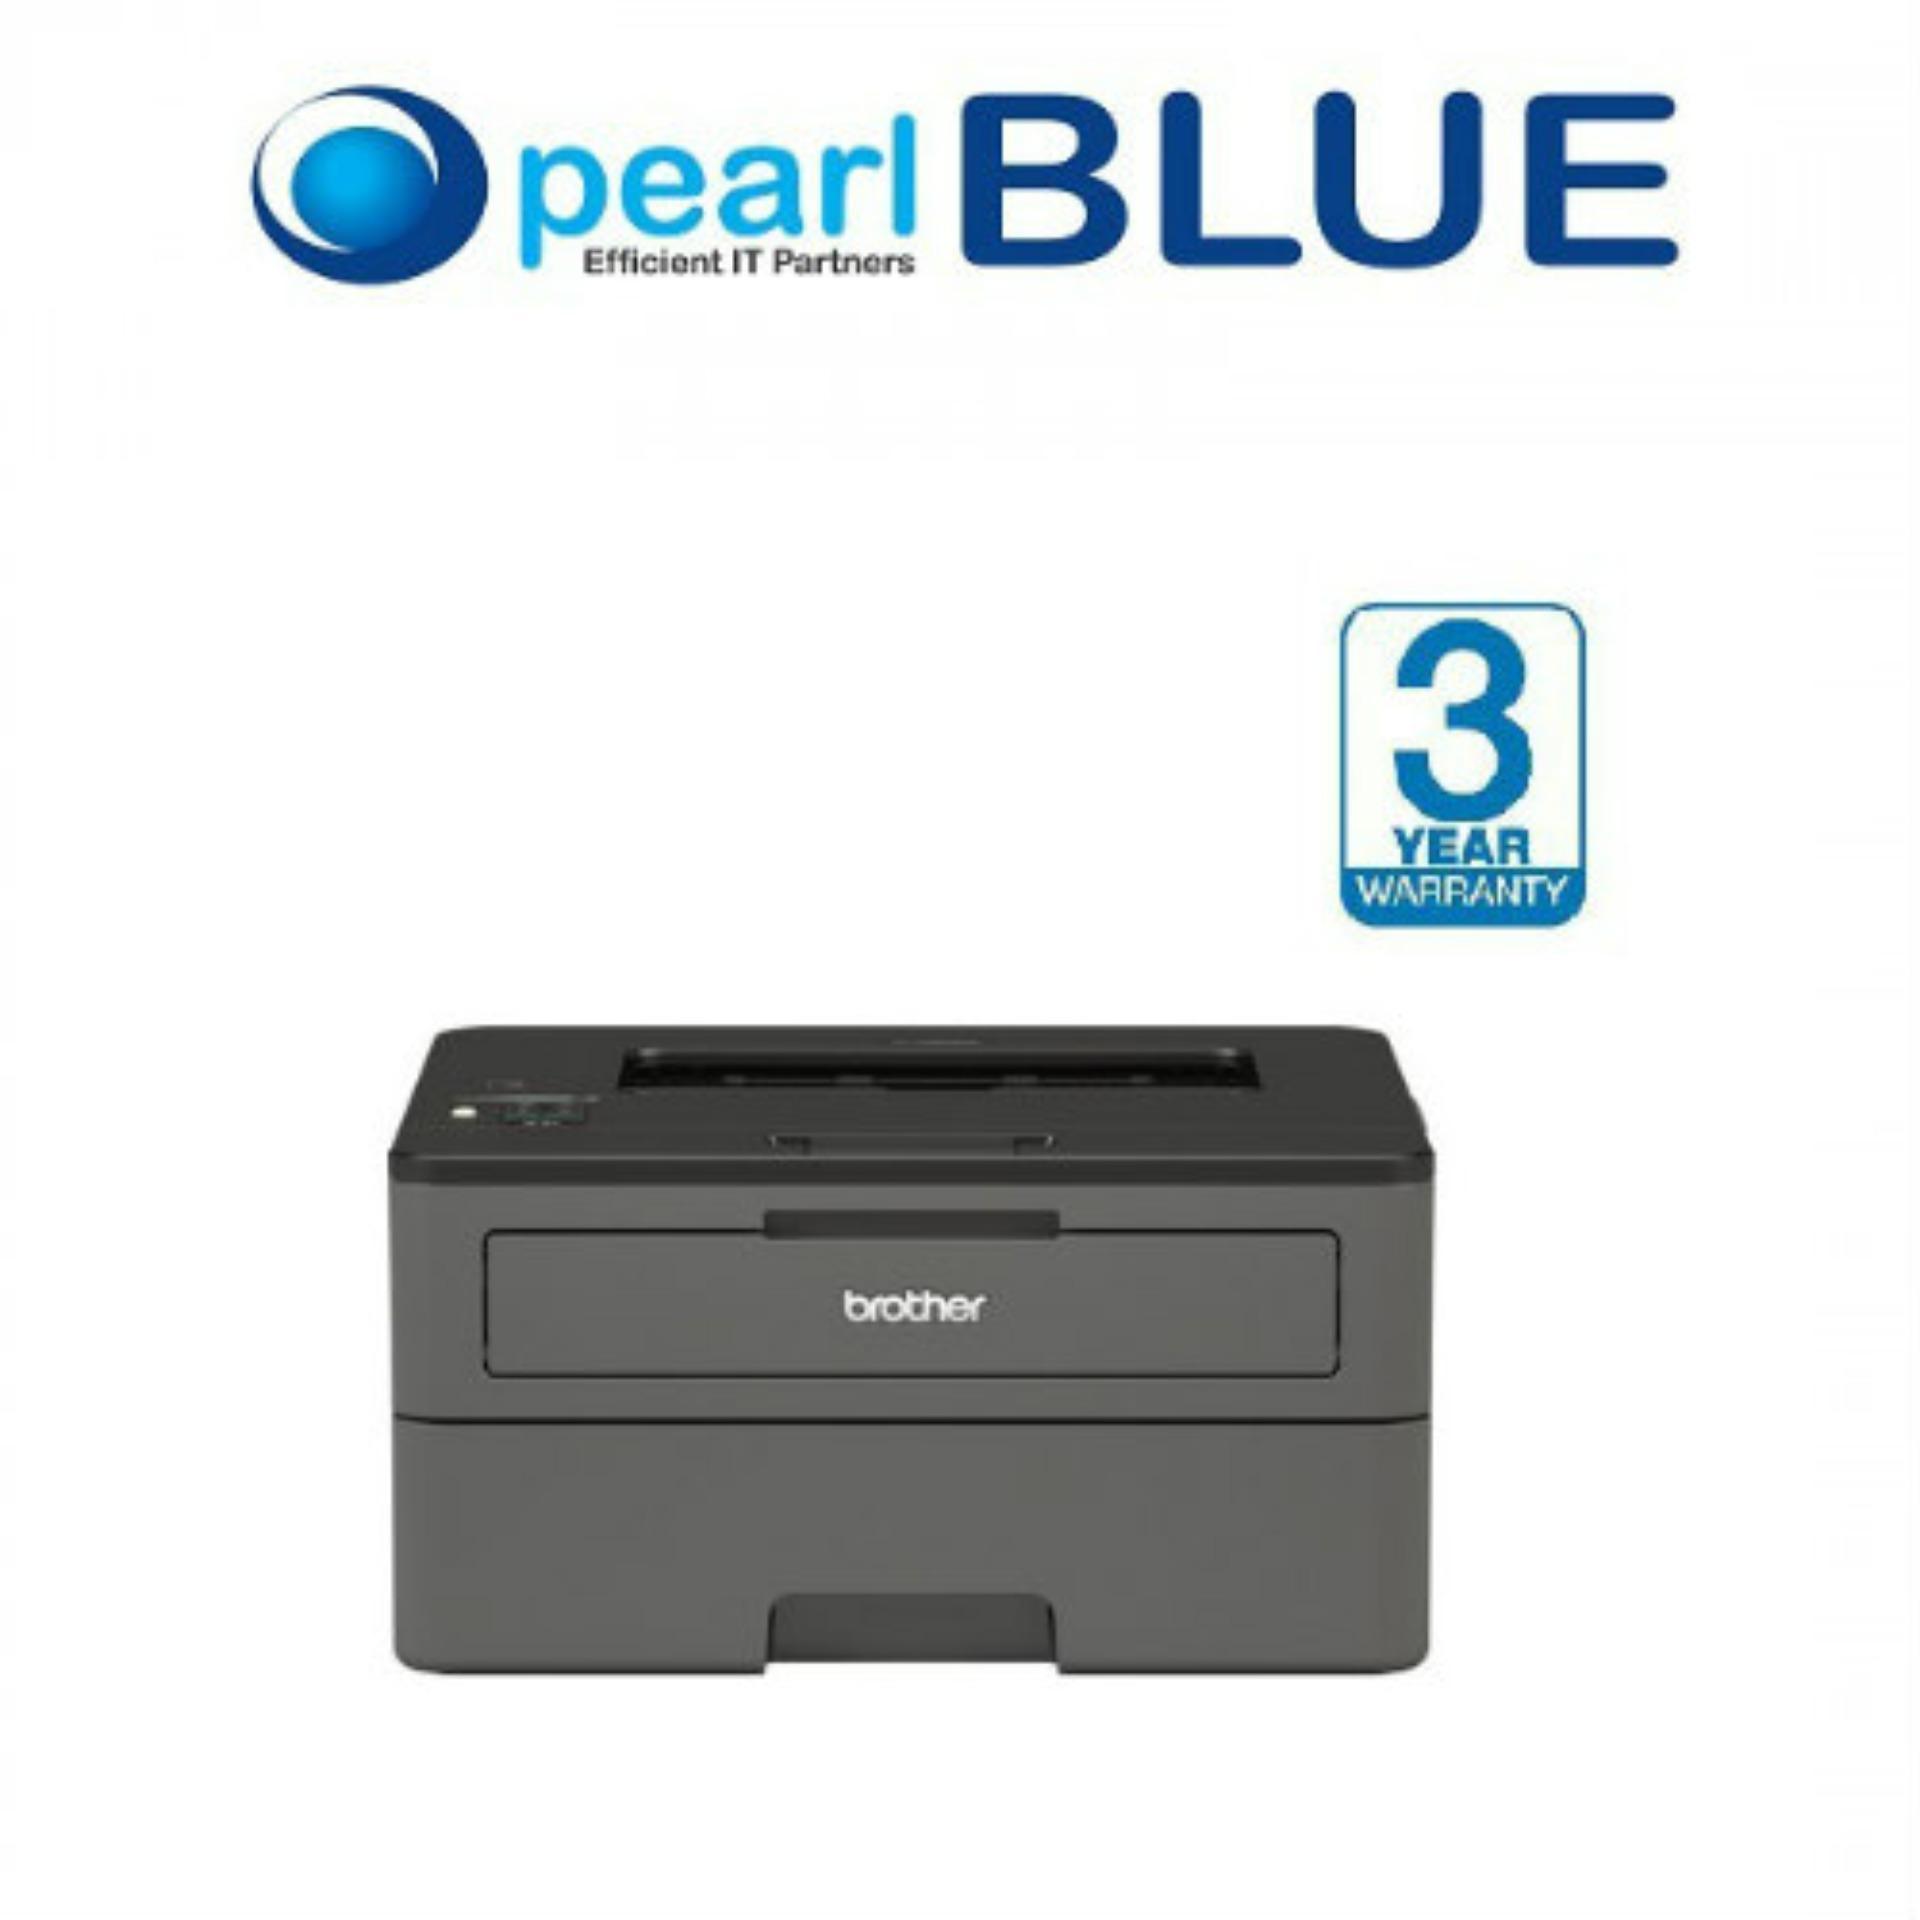 Brother Hl-L2375dw - Mono Laser Printer By Pearlblue Tech.